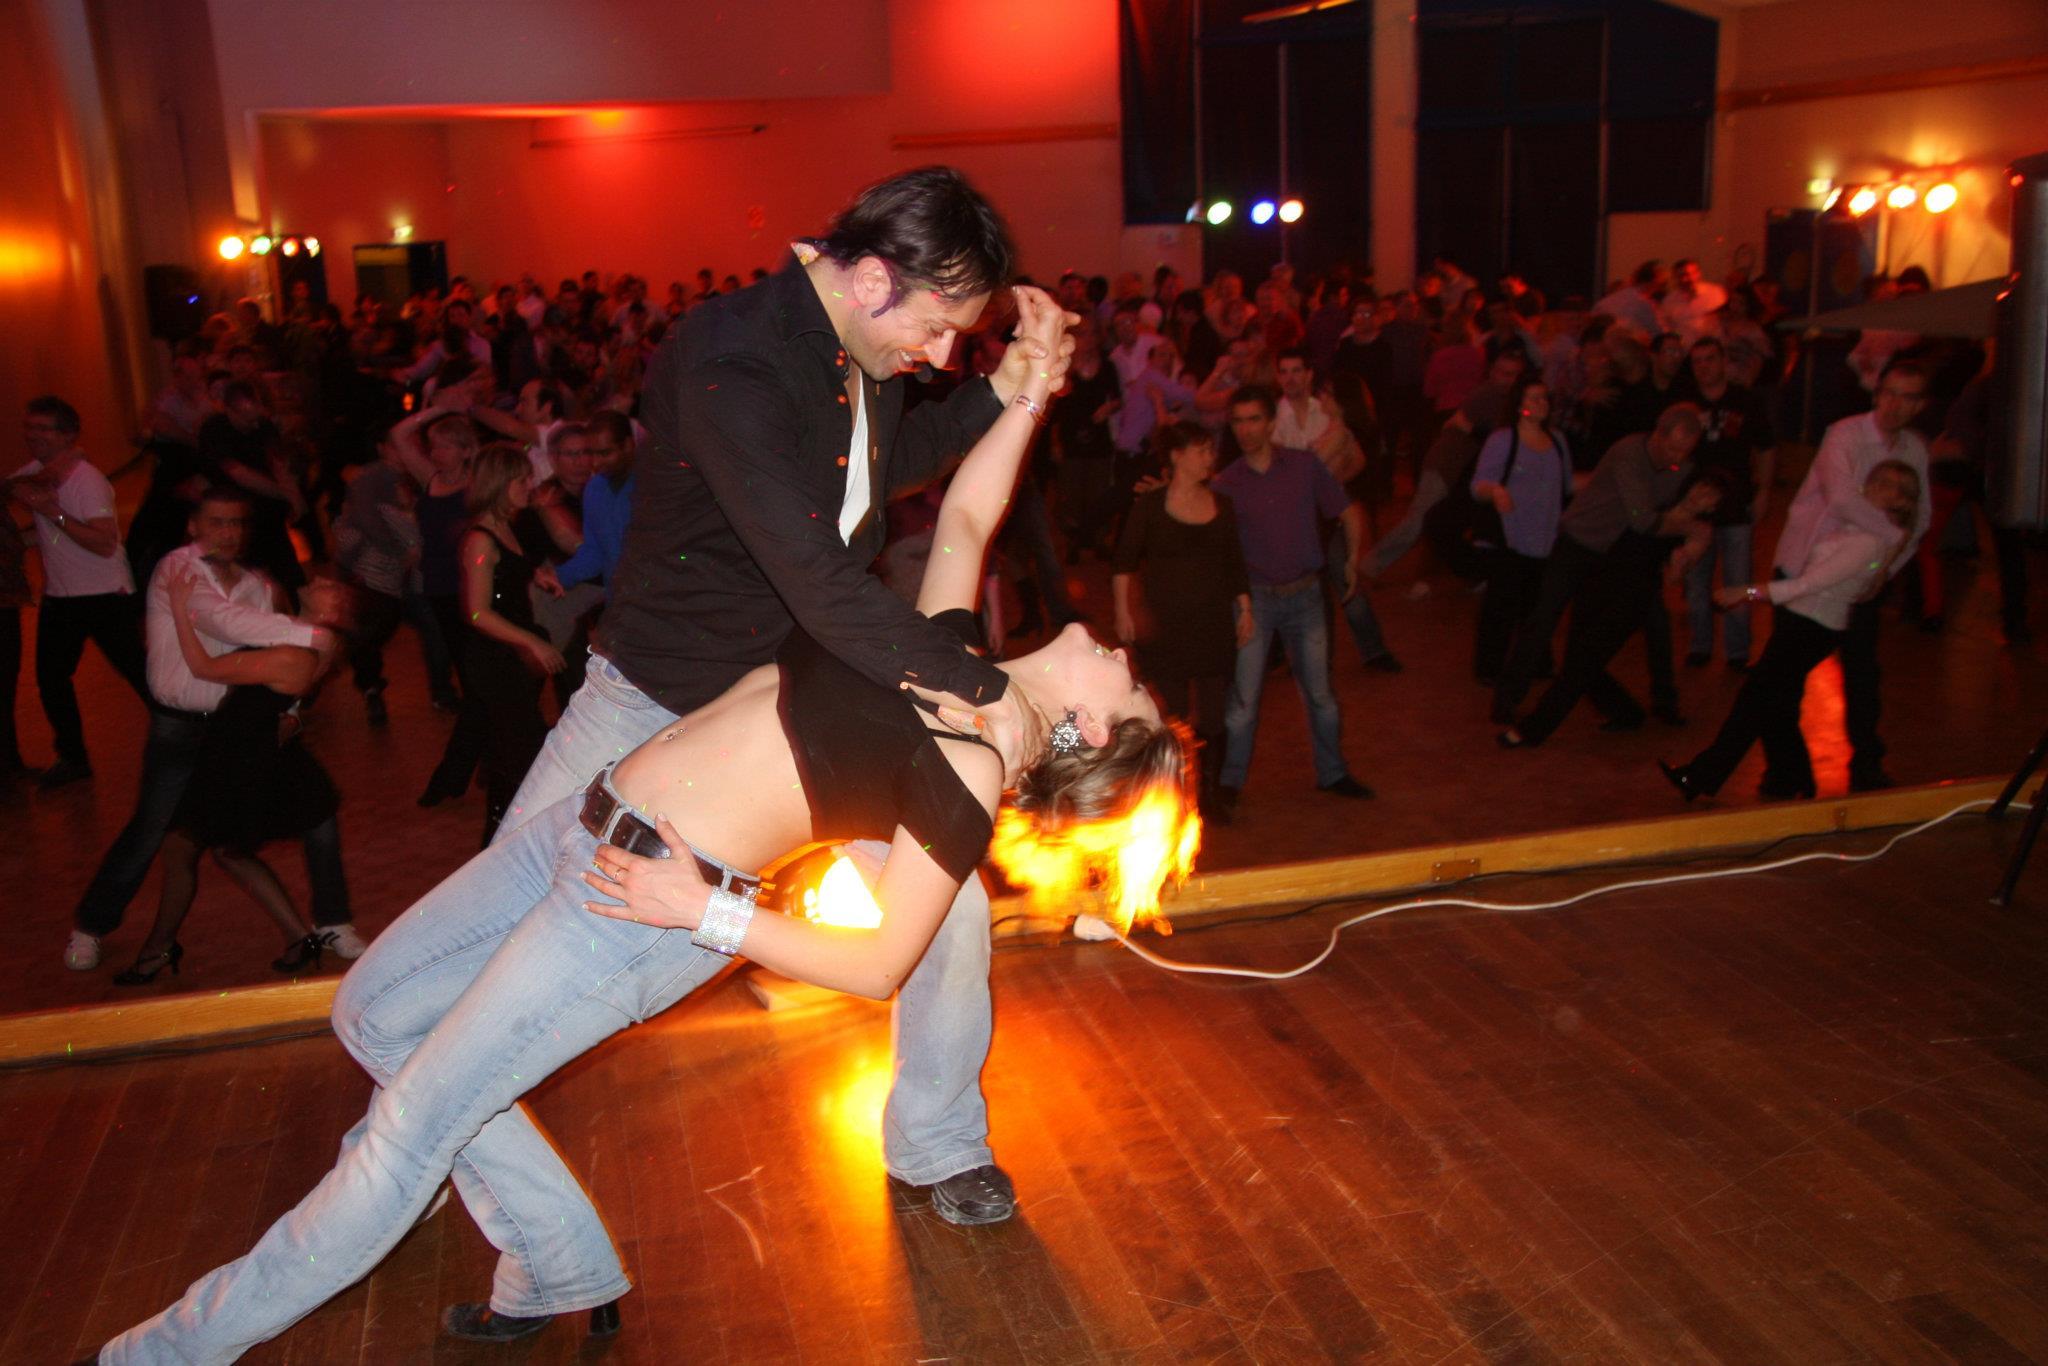 Salsa, Bachata, Kiz, venez danser librement ... 9